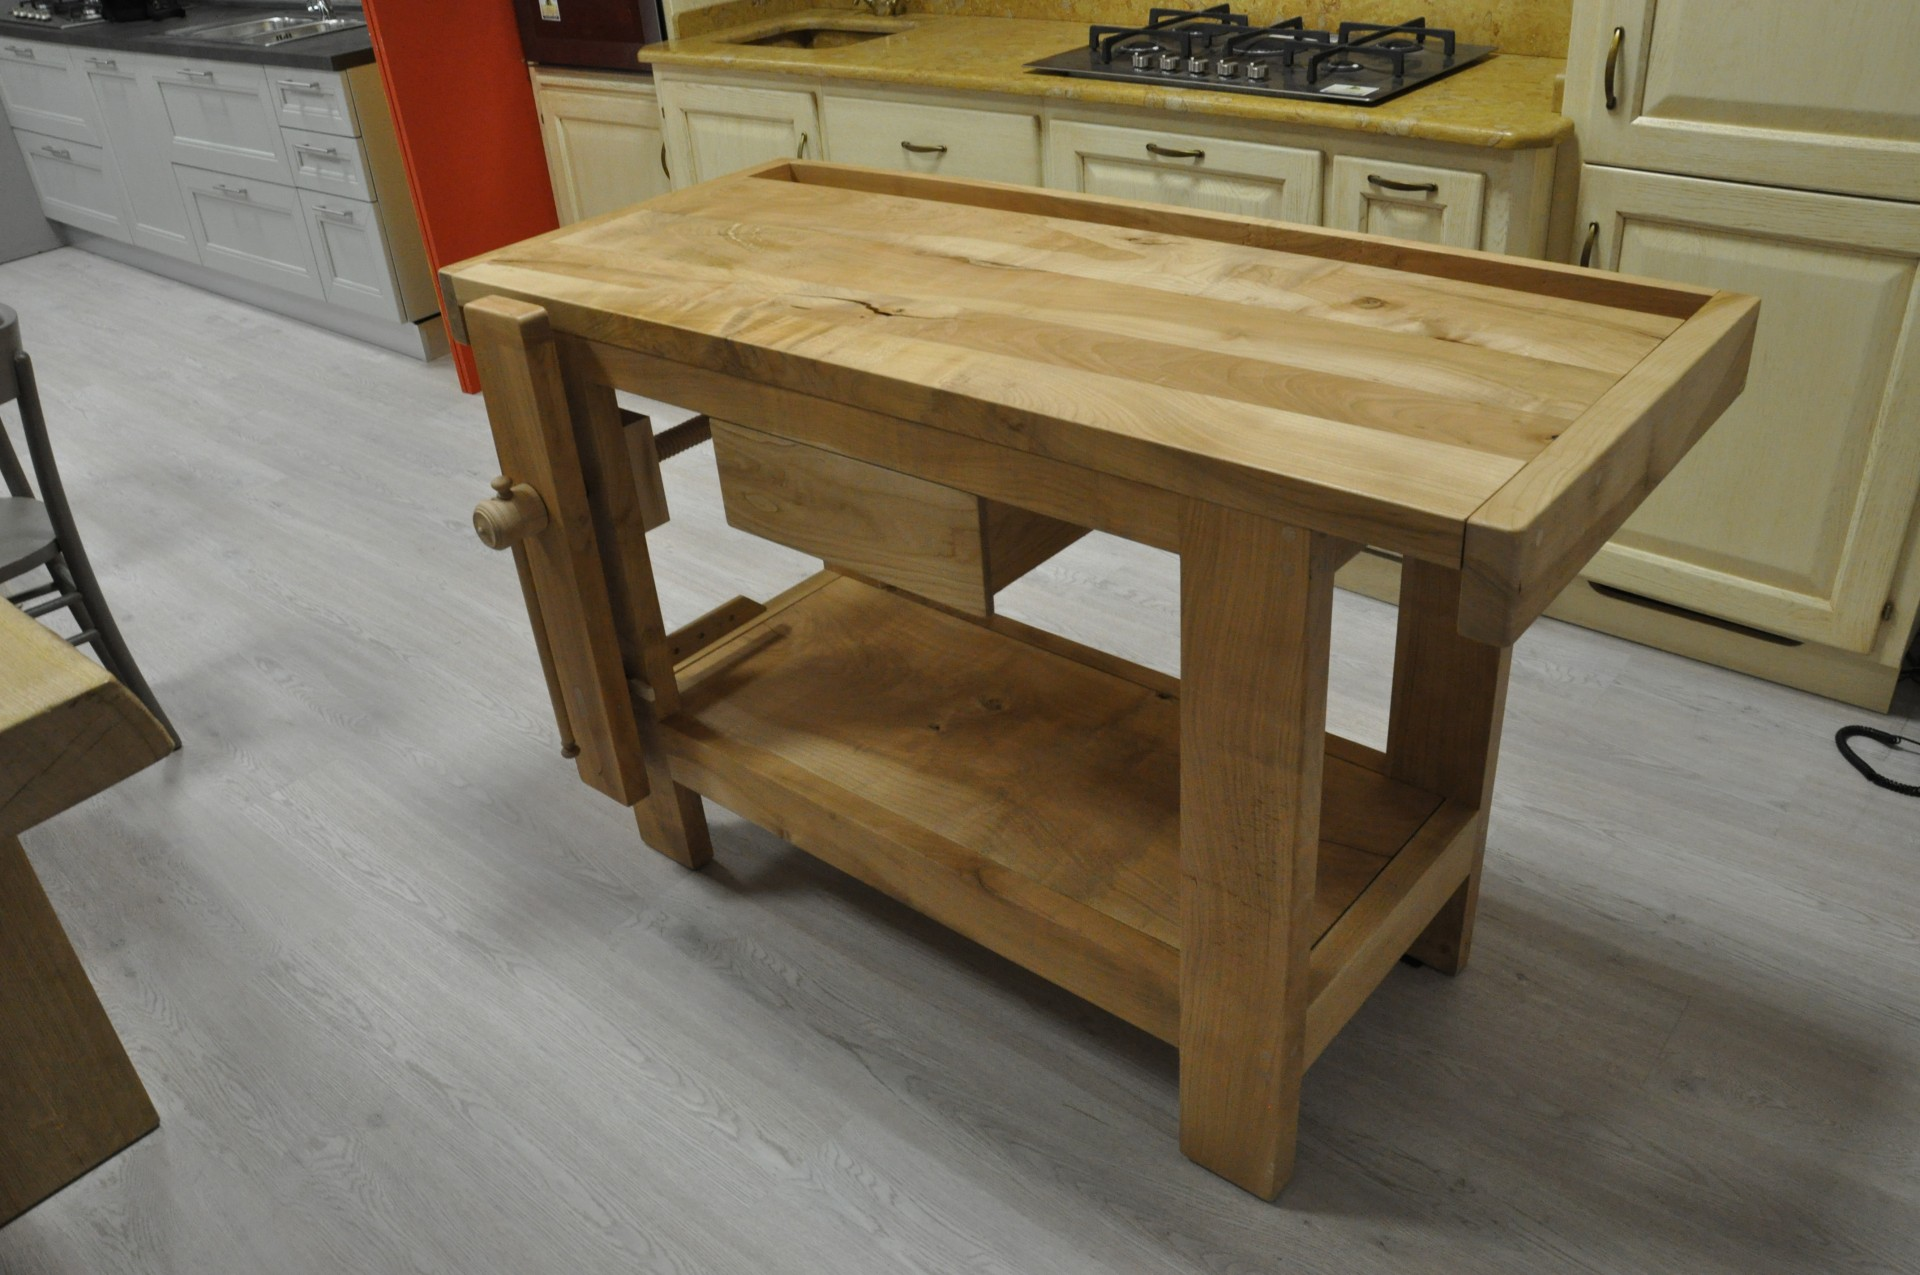 Tavoli in legno su misura fadini mobili cerea verona - Bancone per cucina ...